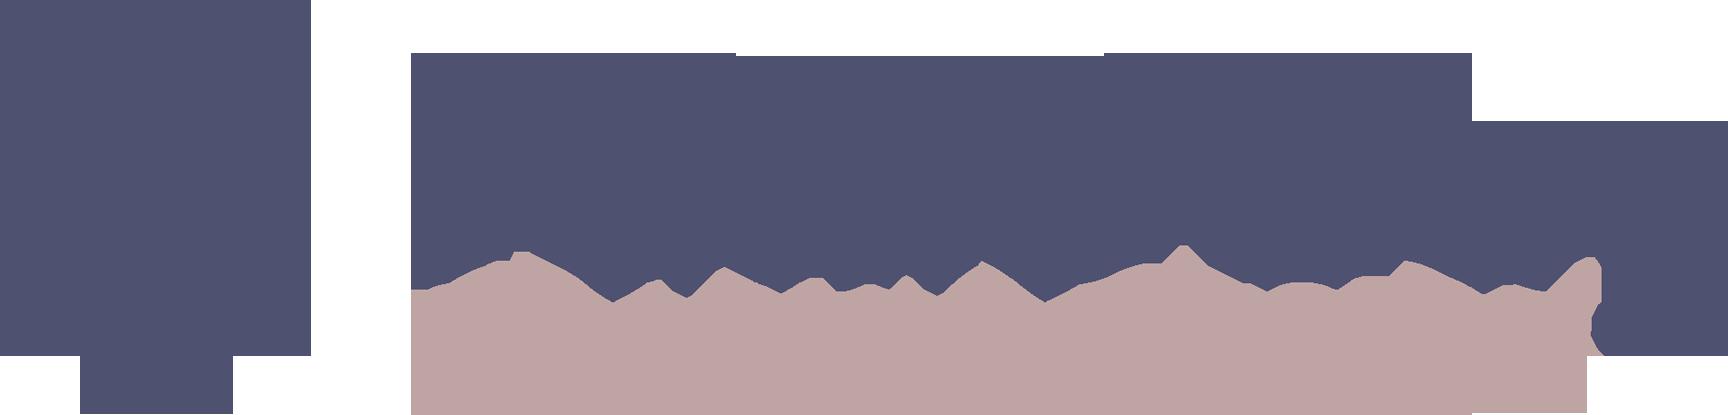 Pattie Boy Portfolio